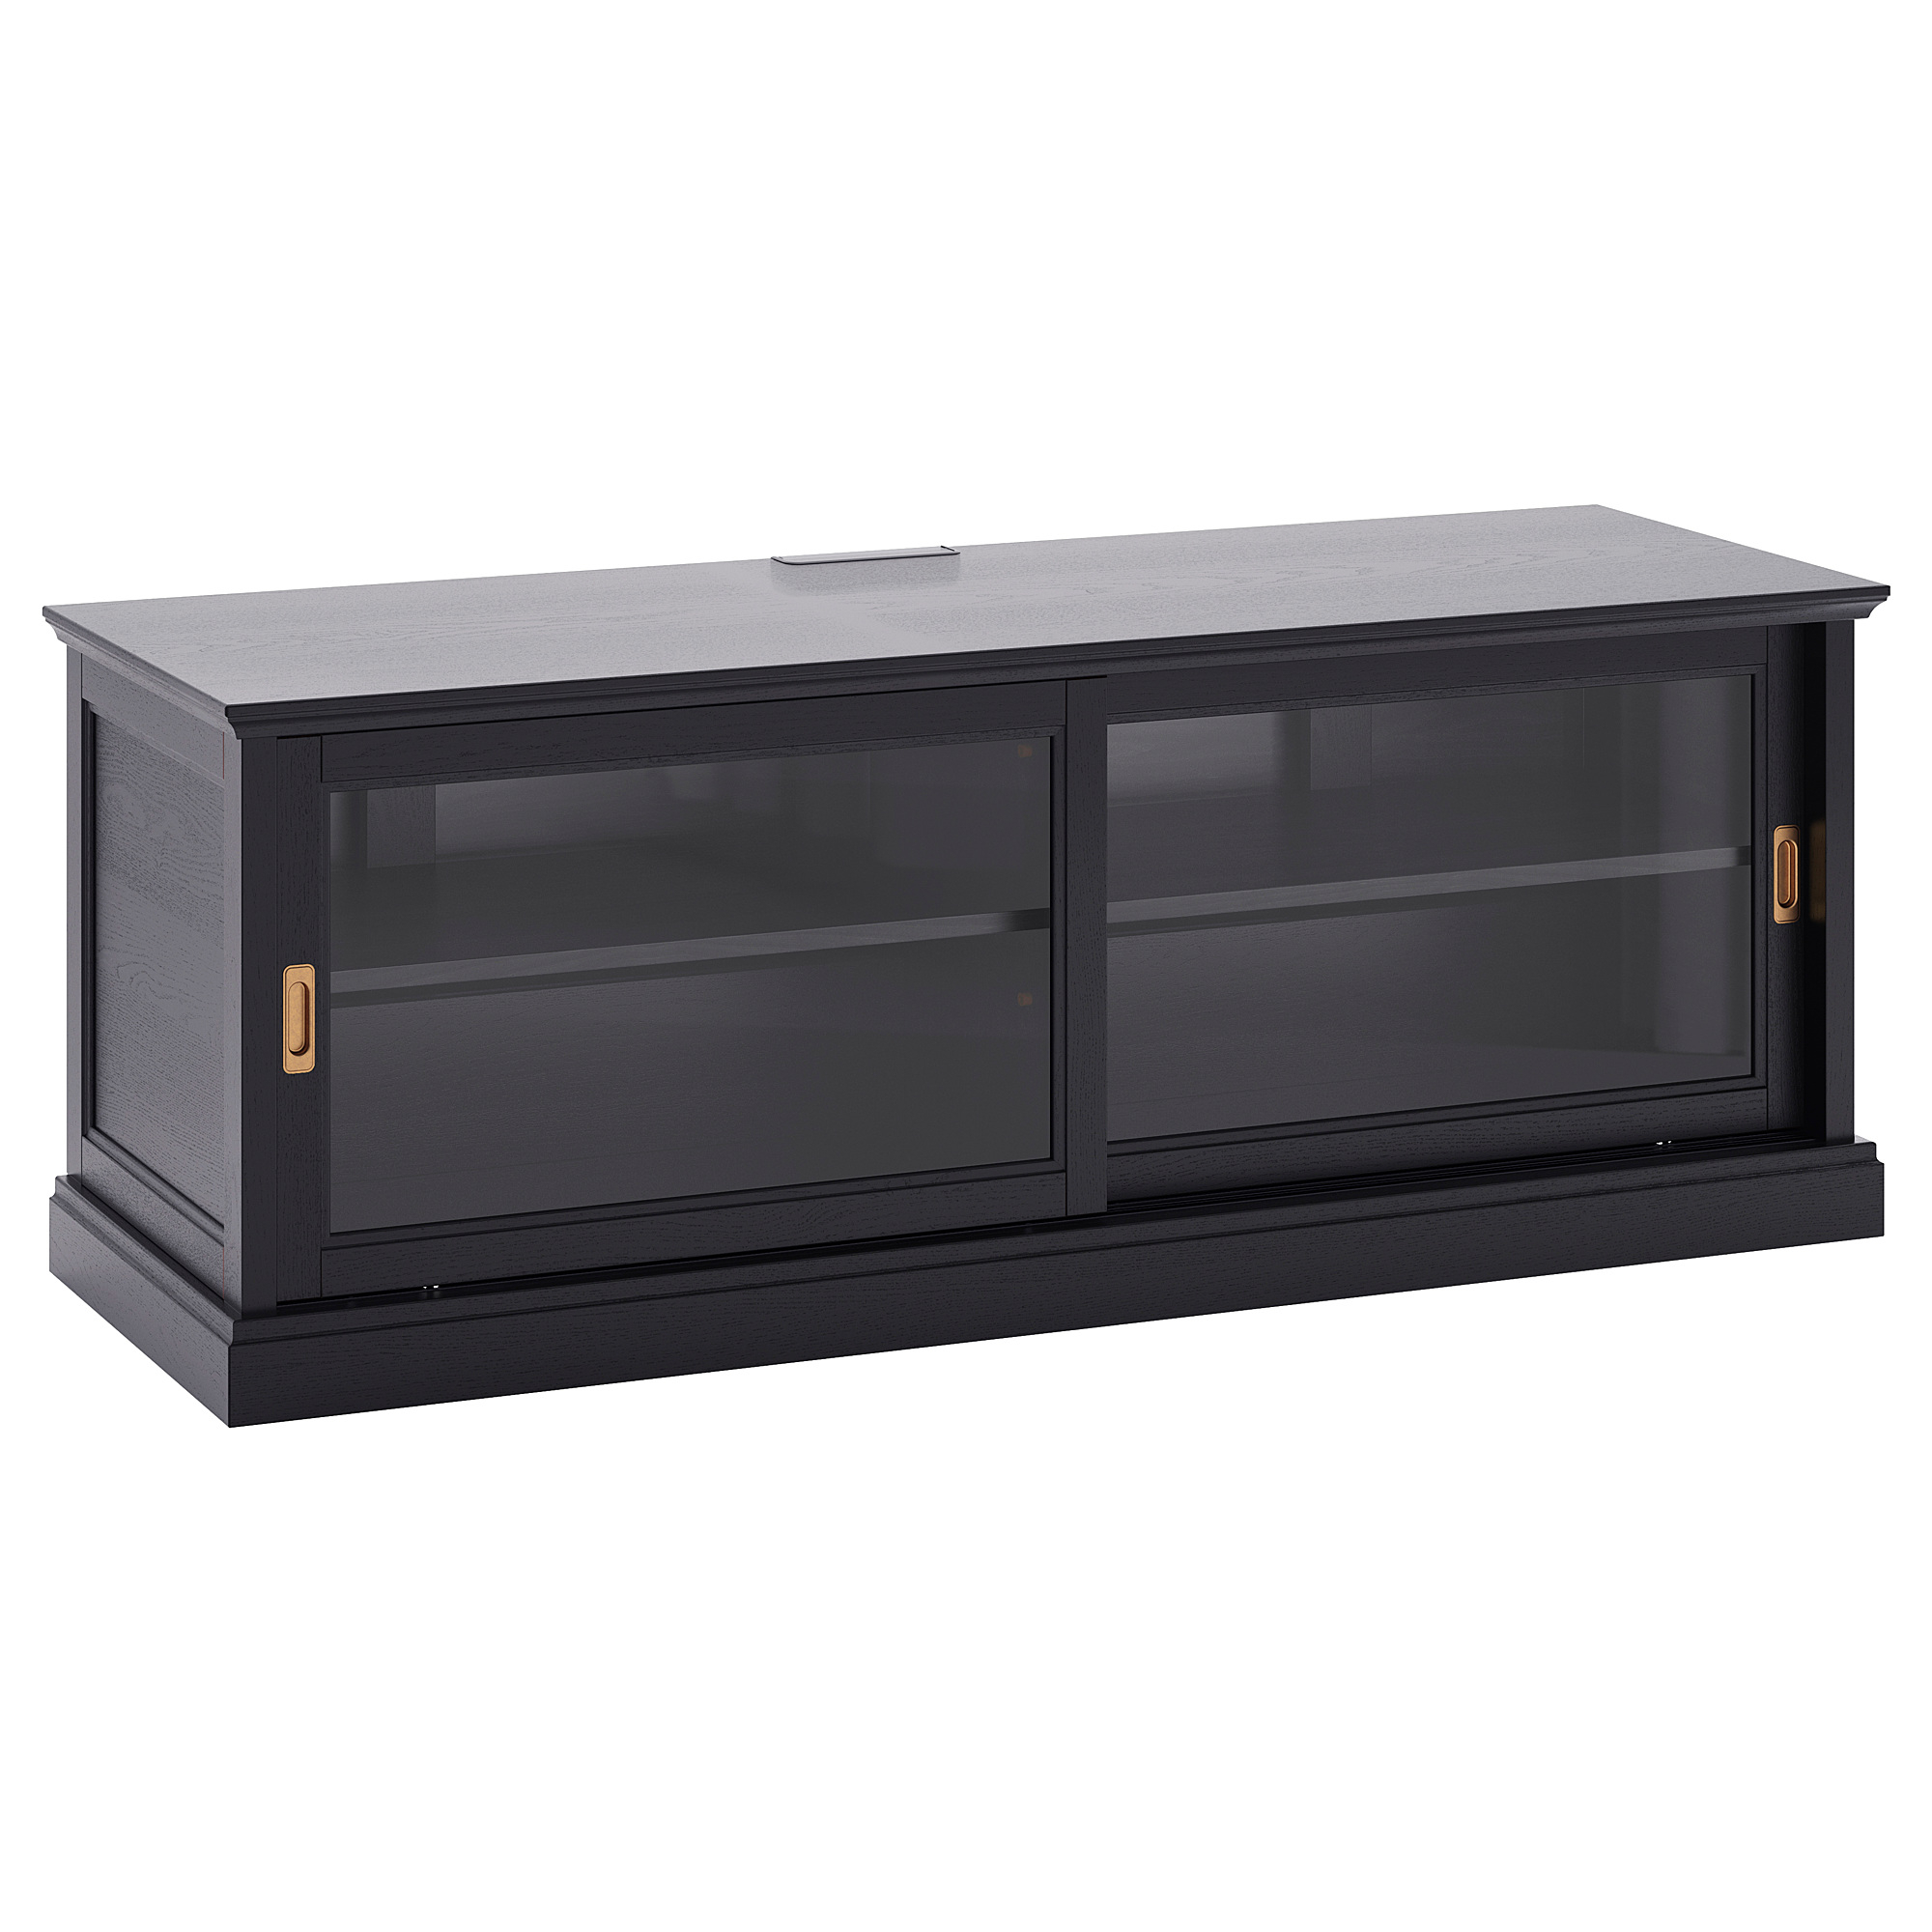 Koip 6 Door Sideboards Regarding Well Known Ikea Lithuania – Įsigyti Baldų, Šviestuvų, Interjero Dekoracijų Ir (View 5 of 20)